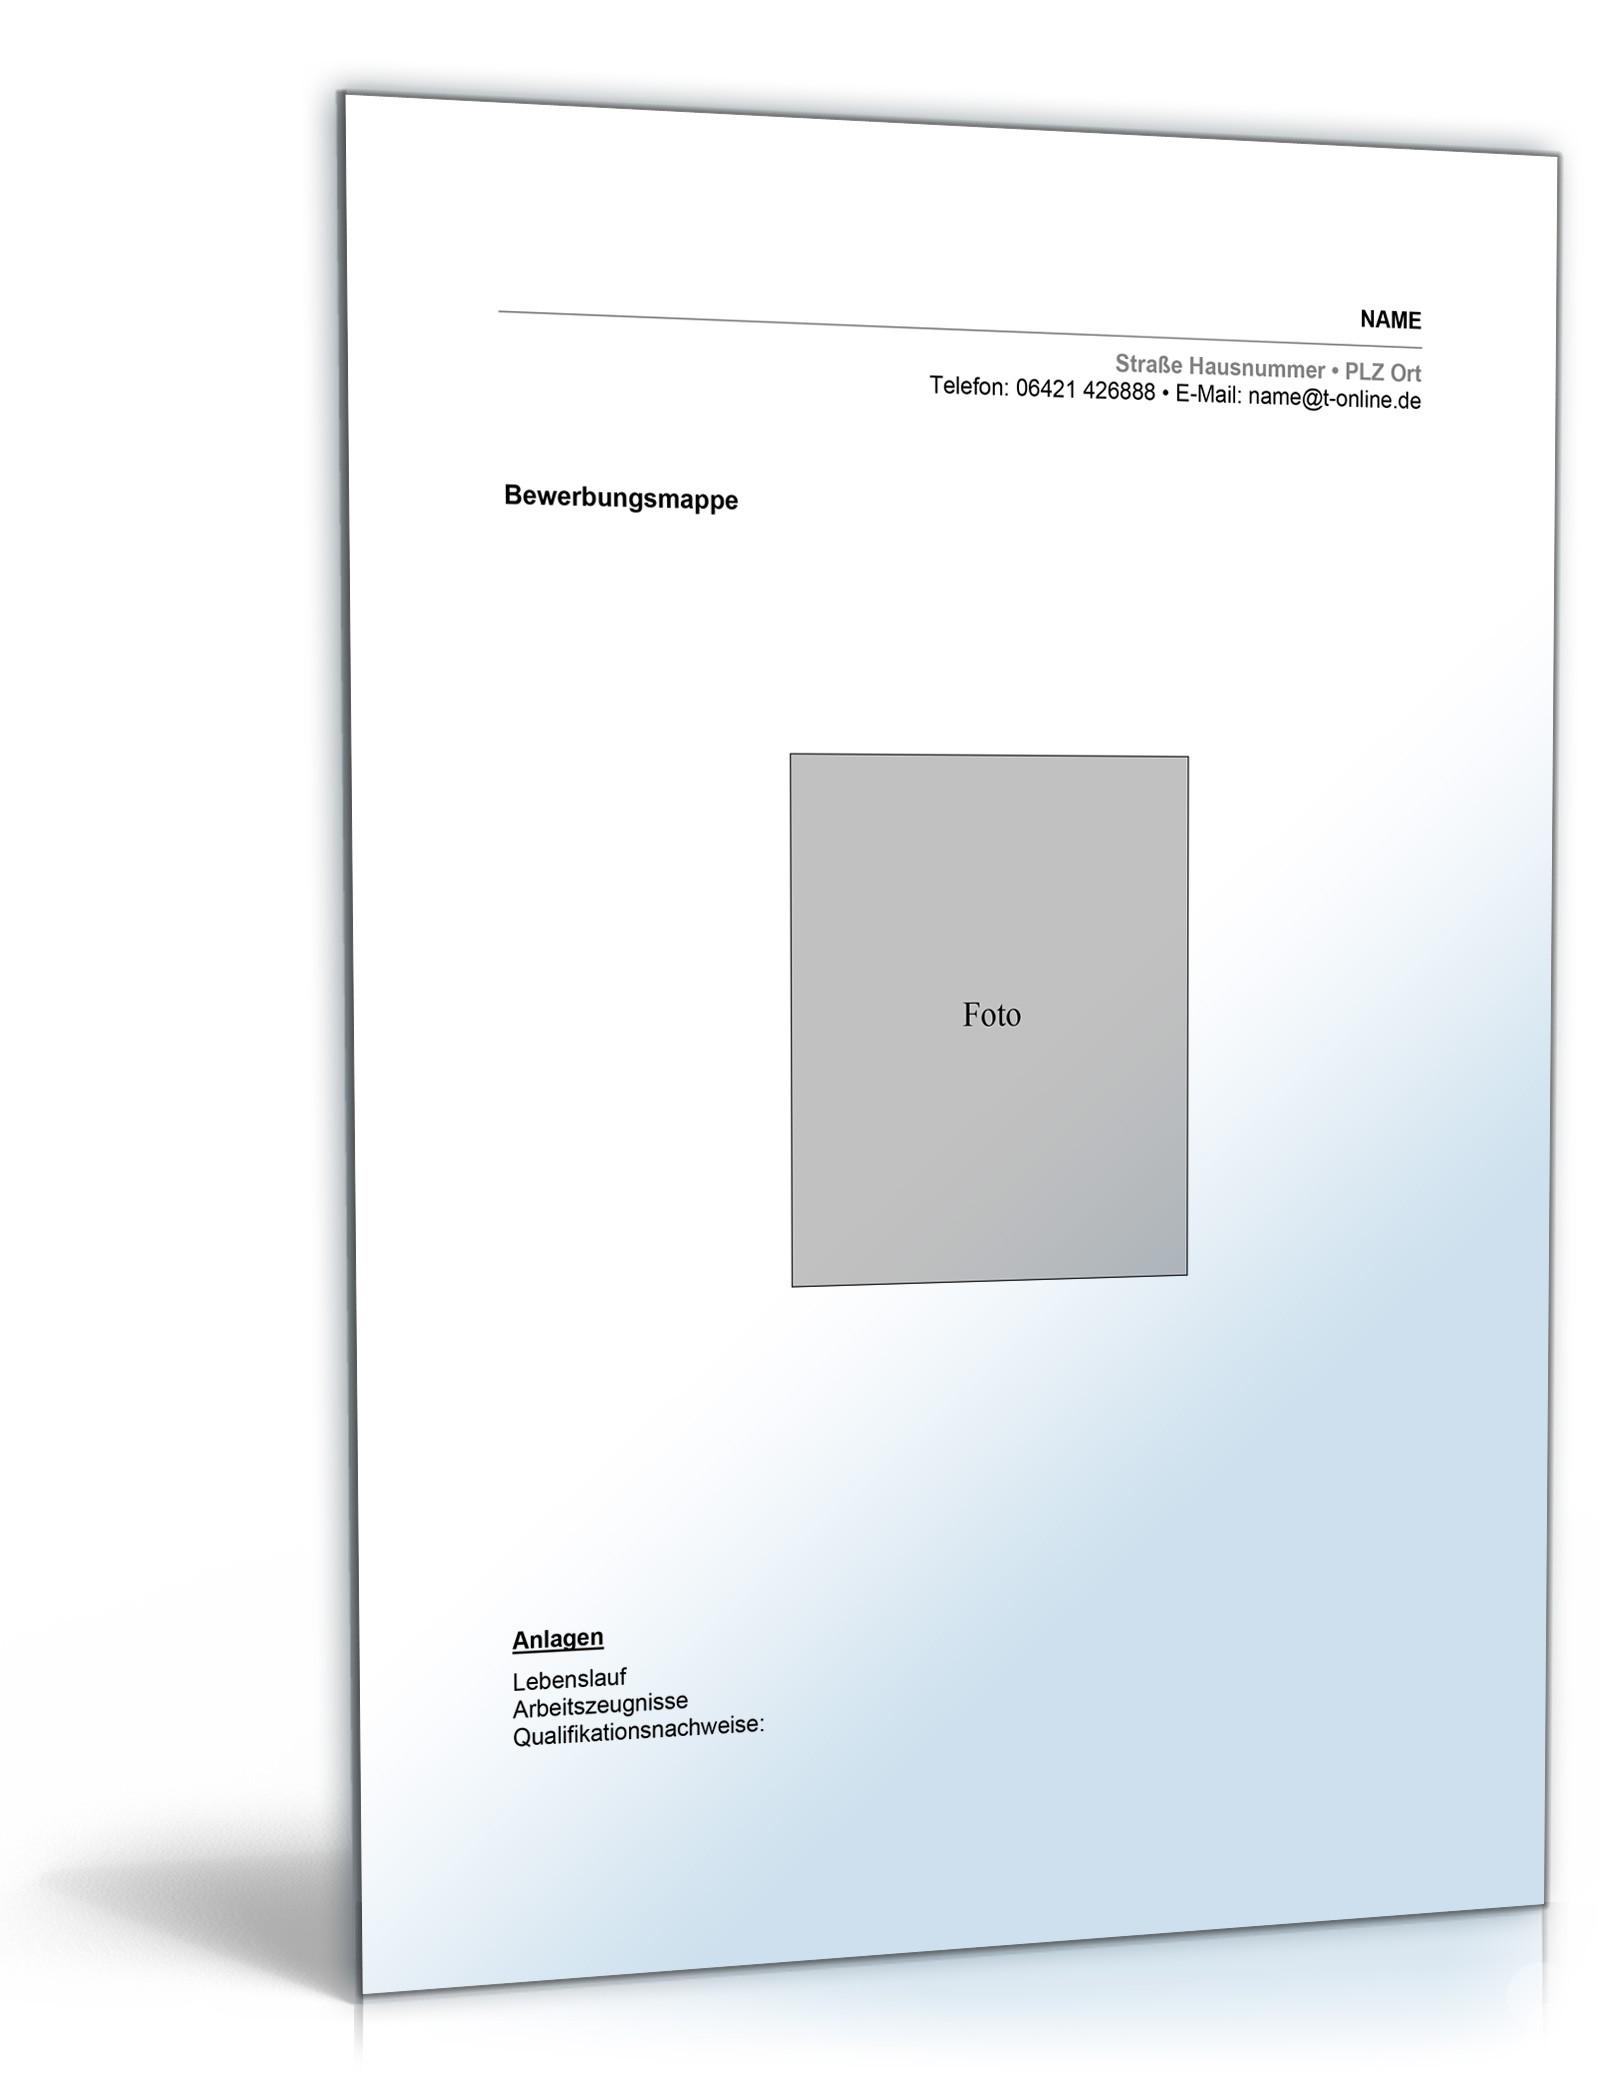 Lebenslauf Abiturient Ausbildungsplatz Muster Zum Download